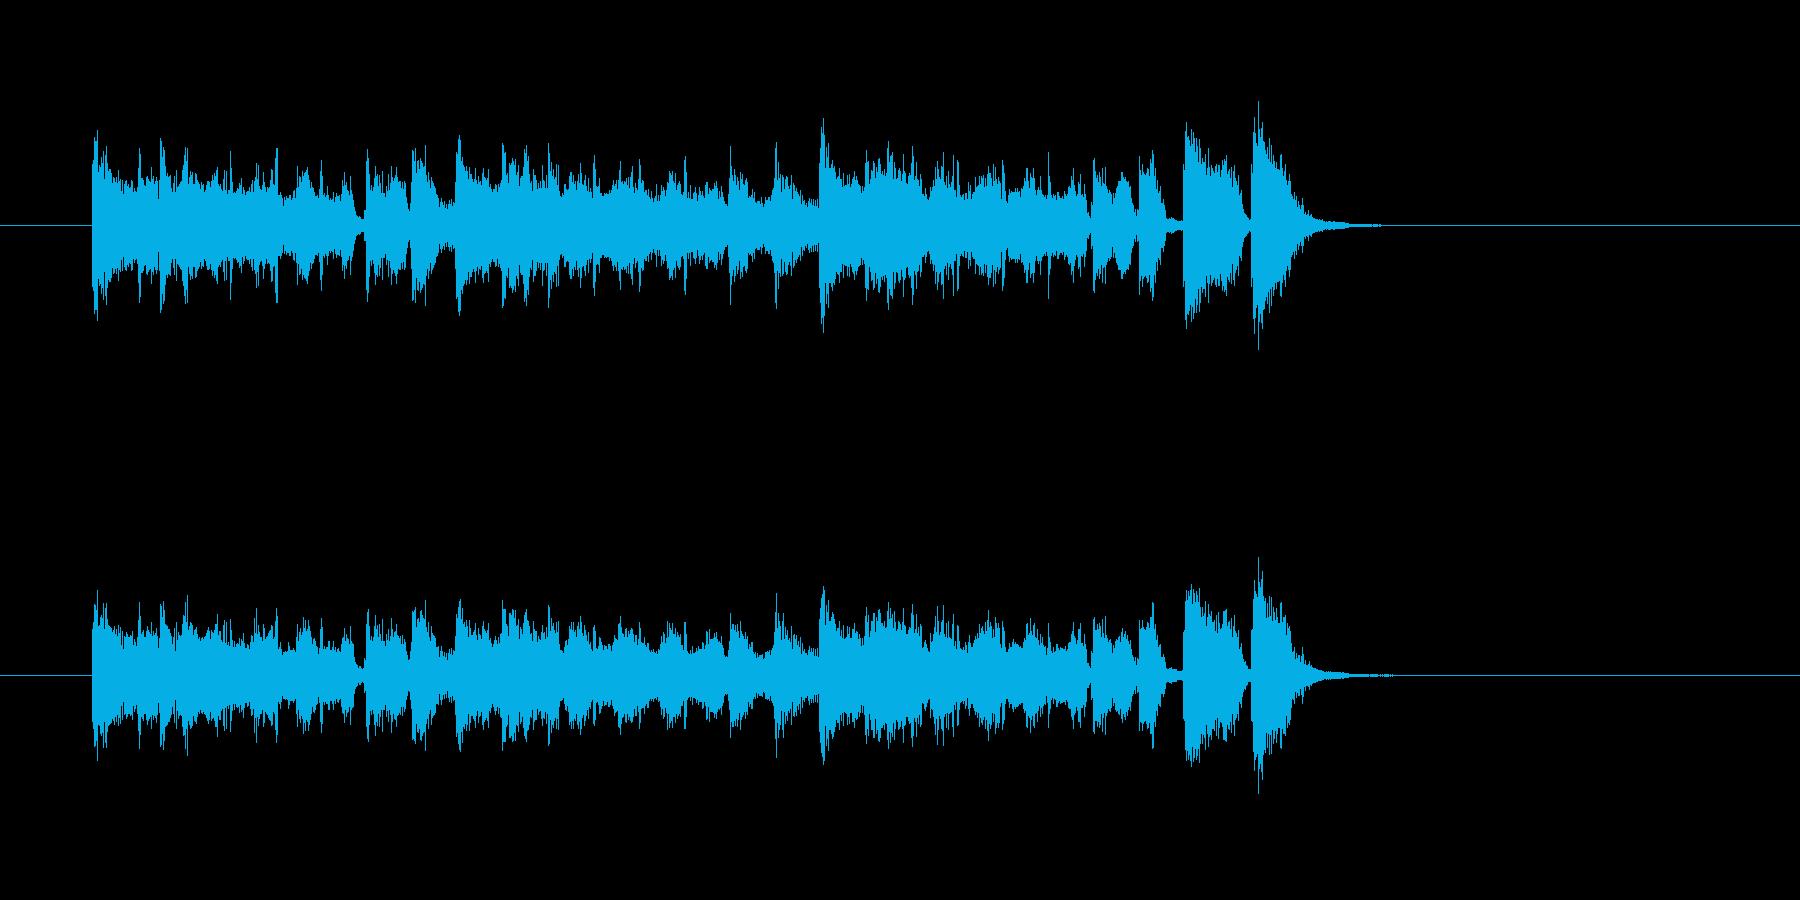 トランペット 明るい ポップ パワフルの再生済みの波形